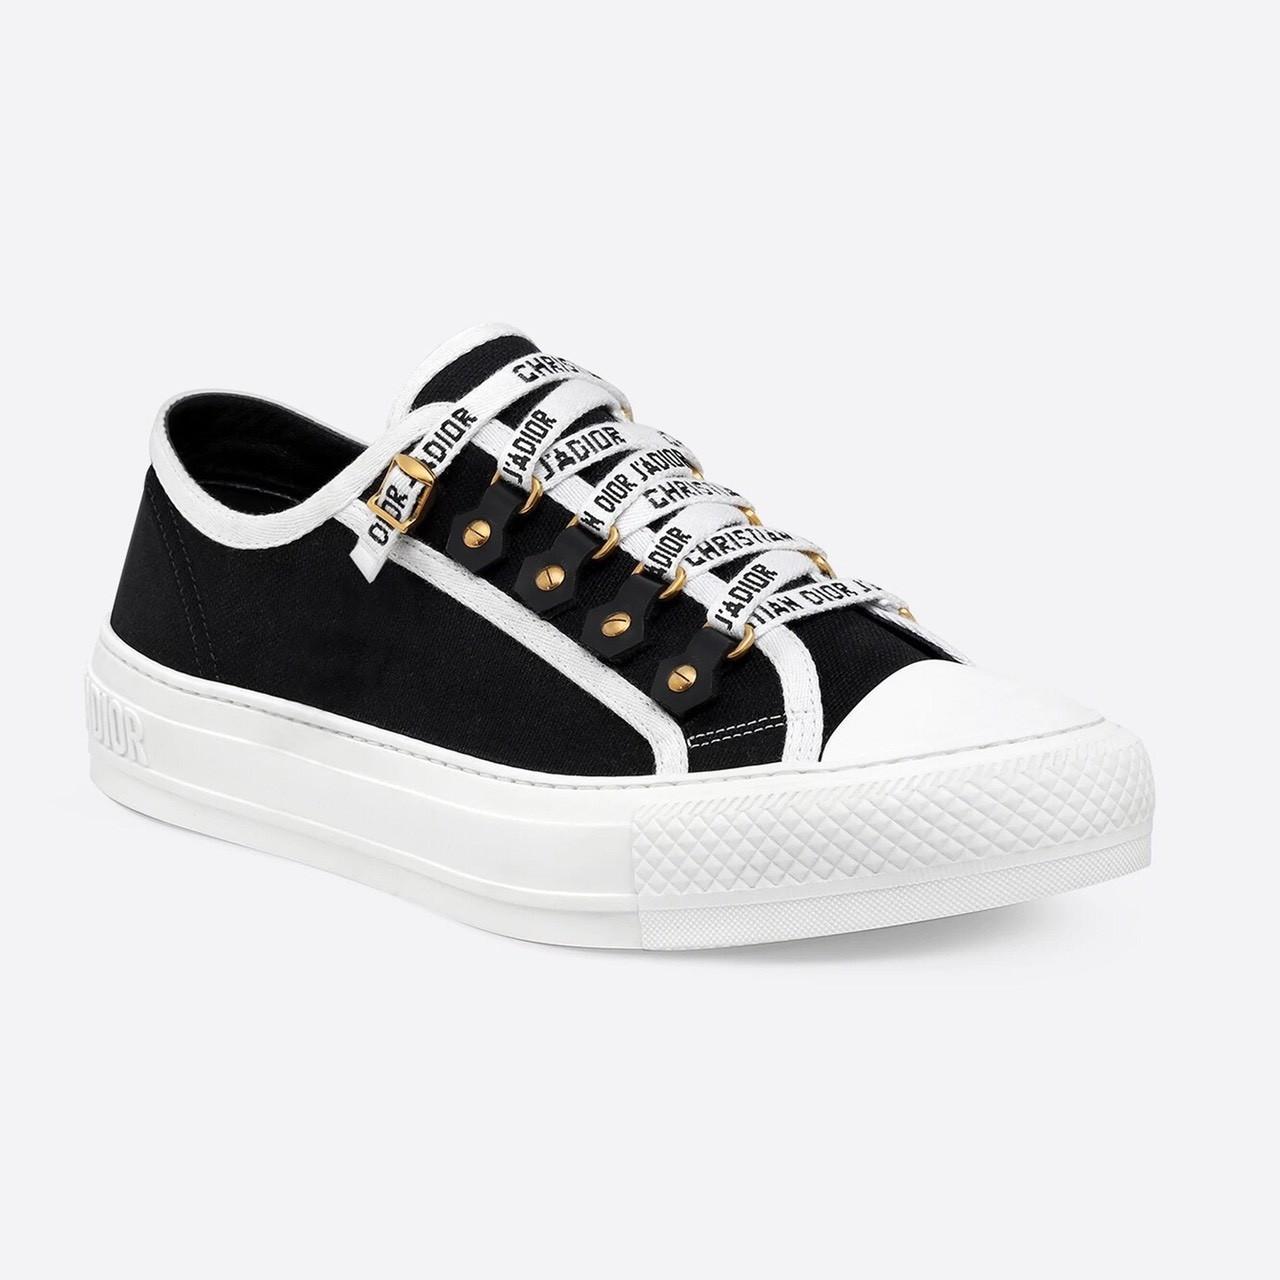 麋鹿公主歐美時尚 DIOR 黑色WALK DIOR運動鞋 尺寸38